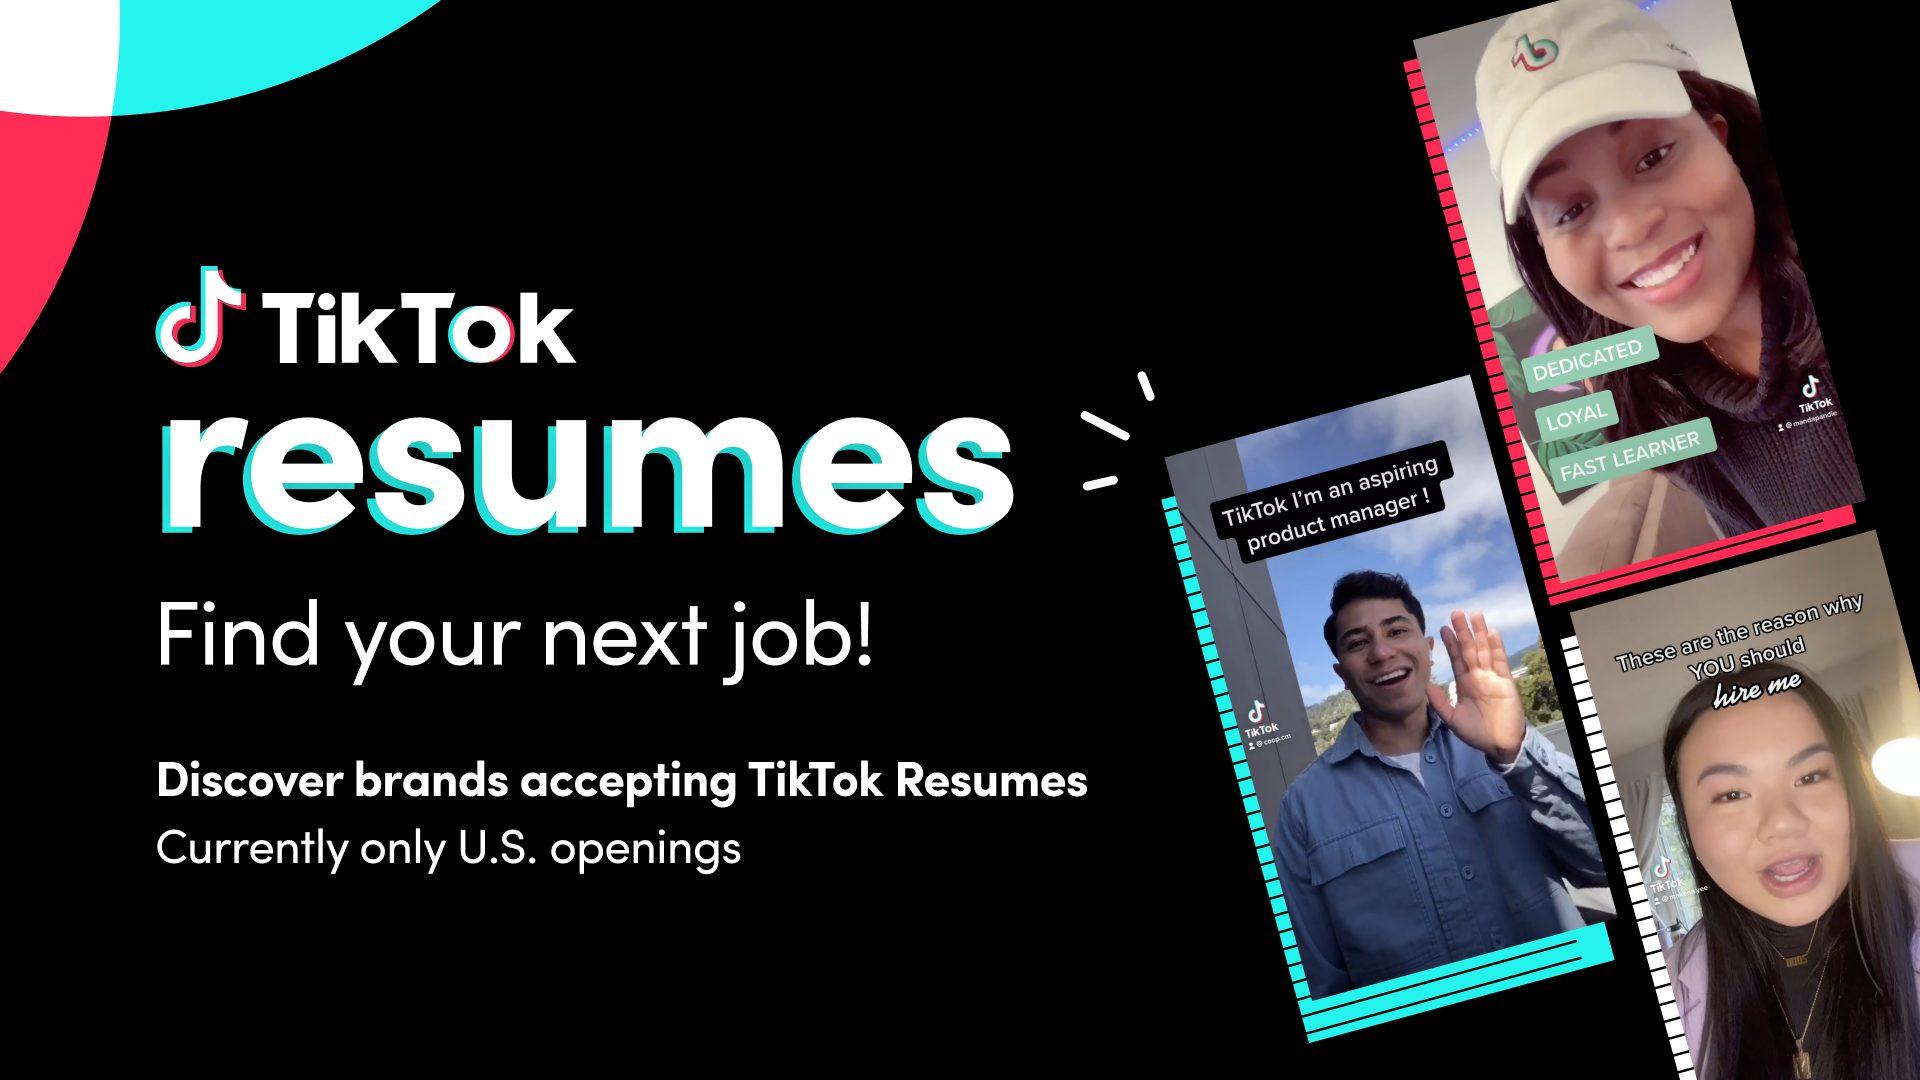 TikTok Resumes - Credit TikTok